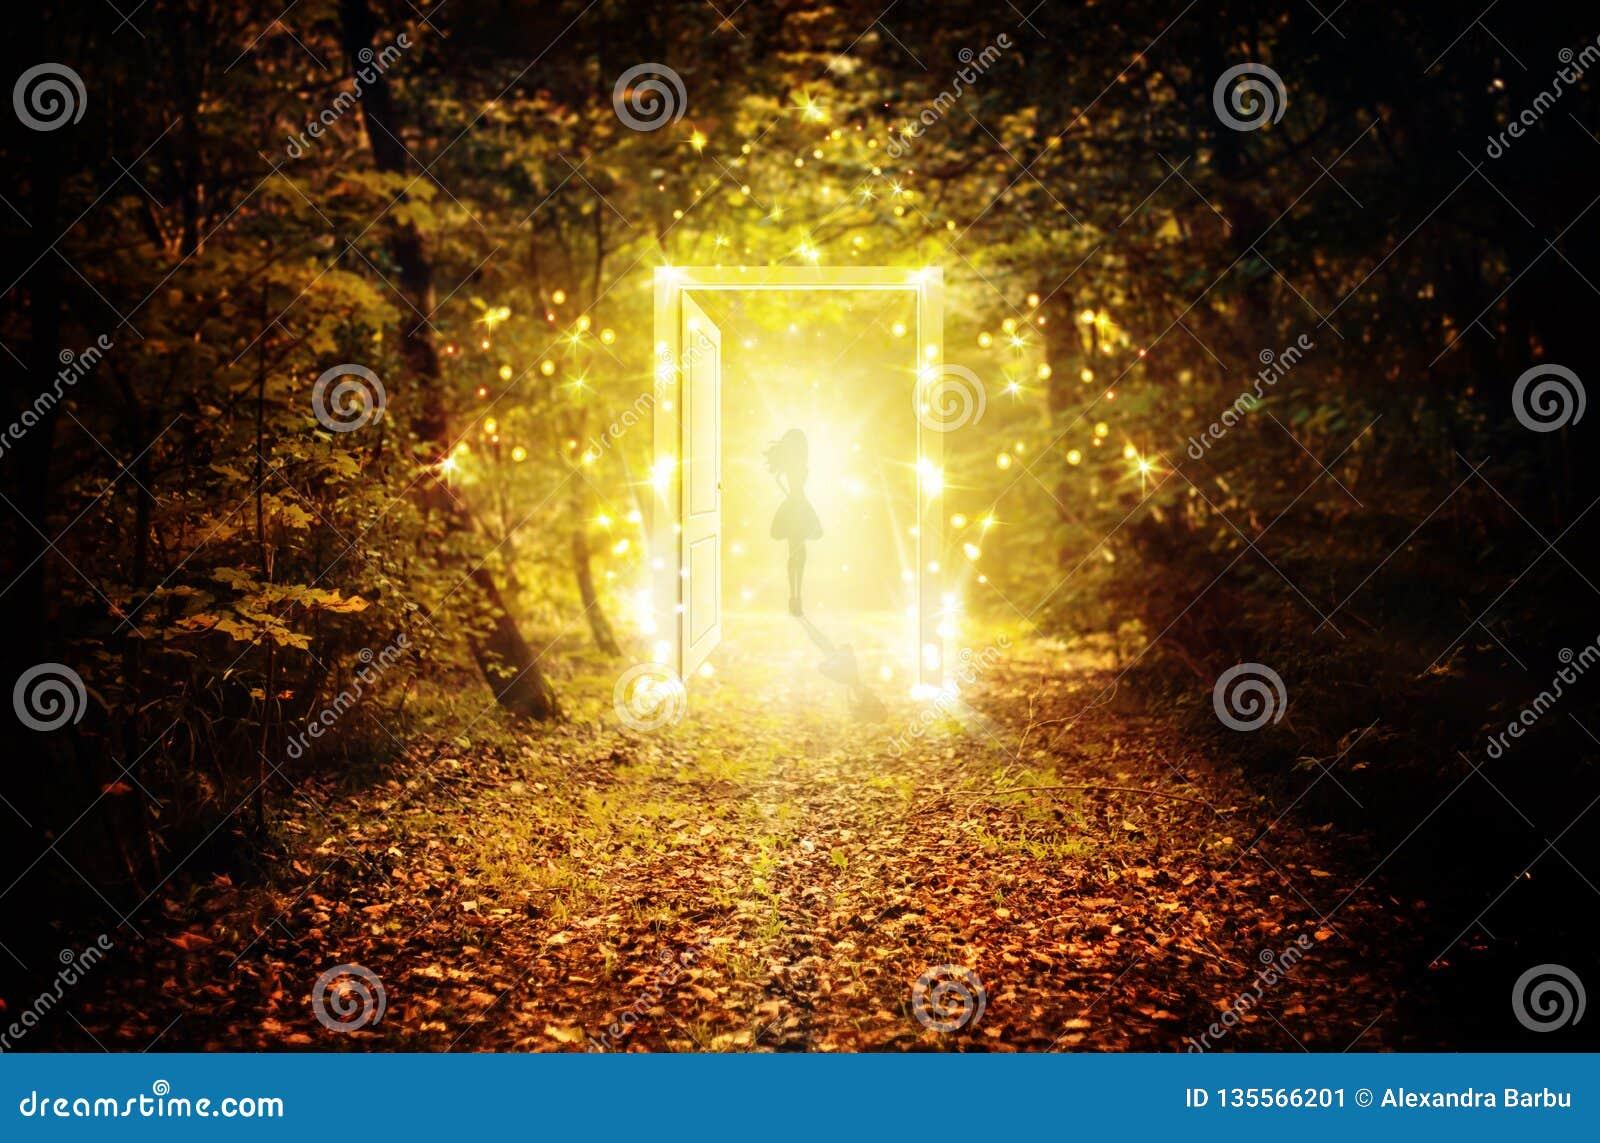 Magische gloeiende deur in het verrukte bos